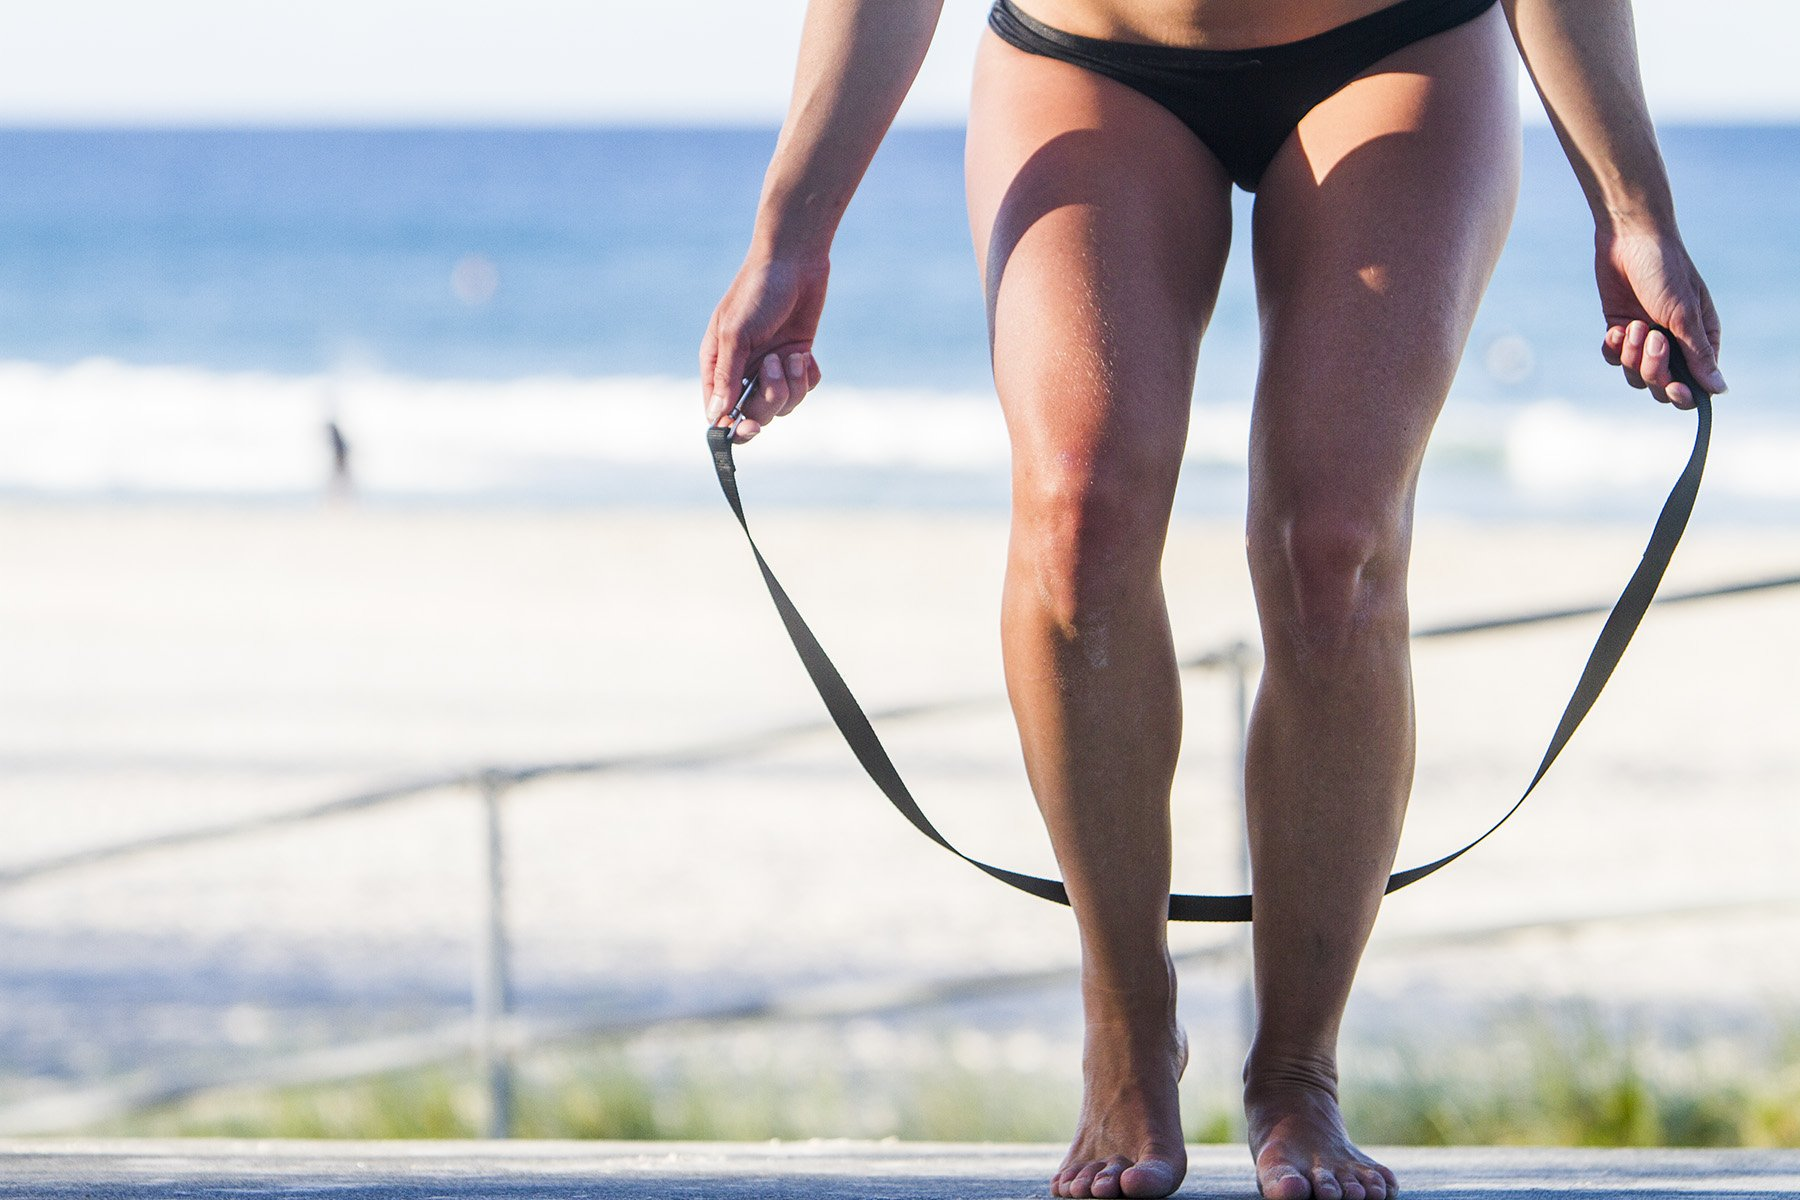 ouisurf programme de musculation pour surfeurs Marie-Hélène Paquette